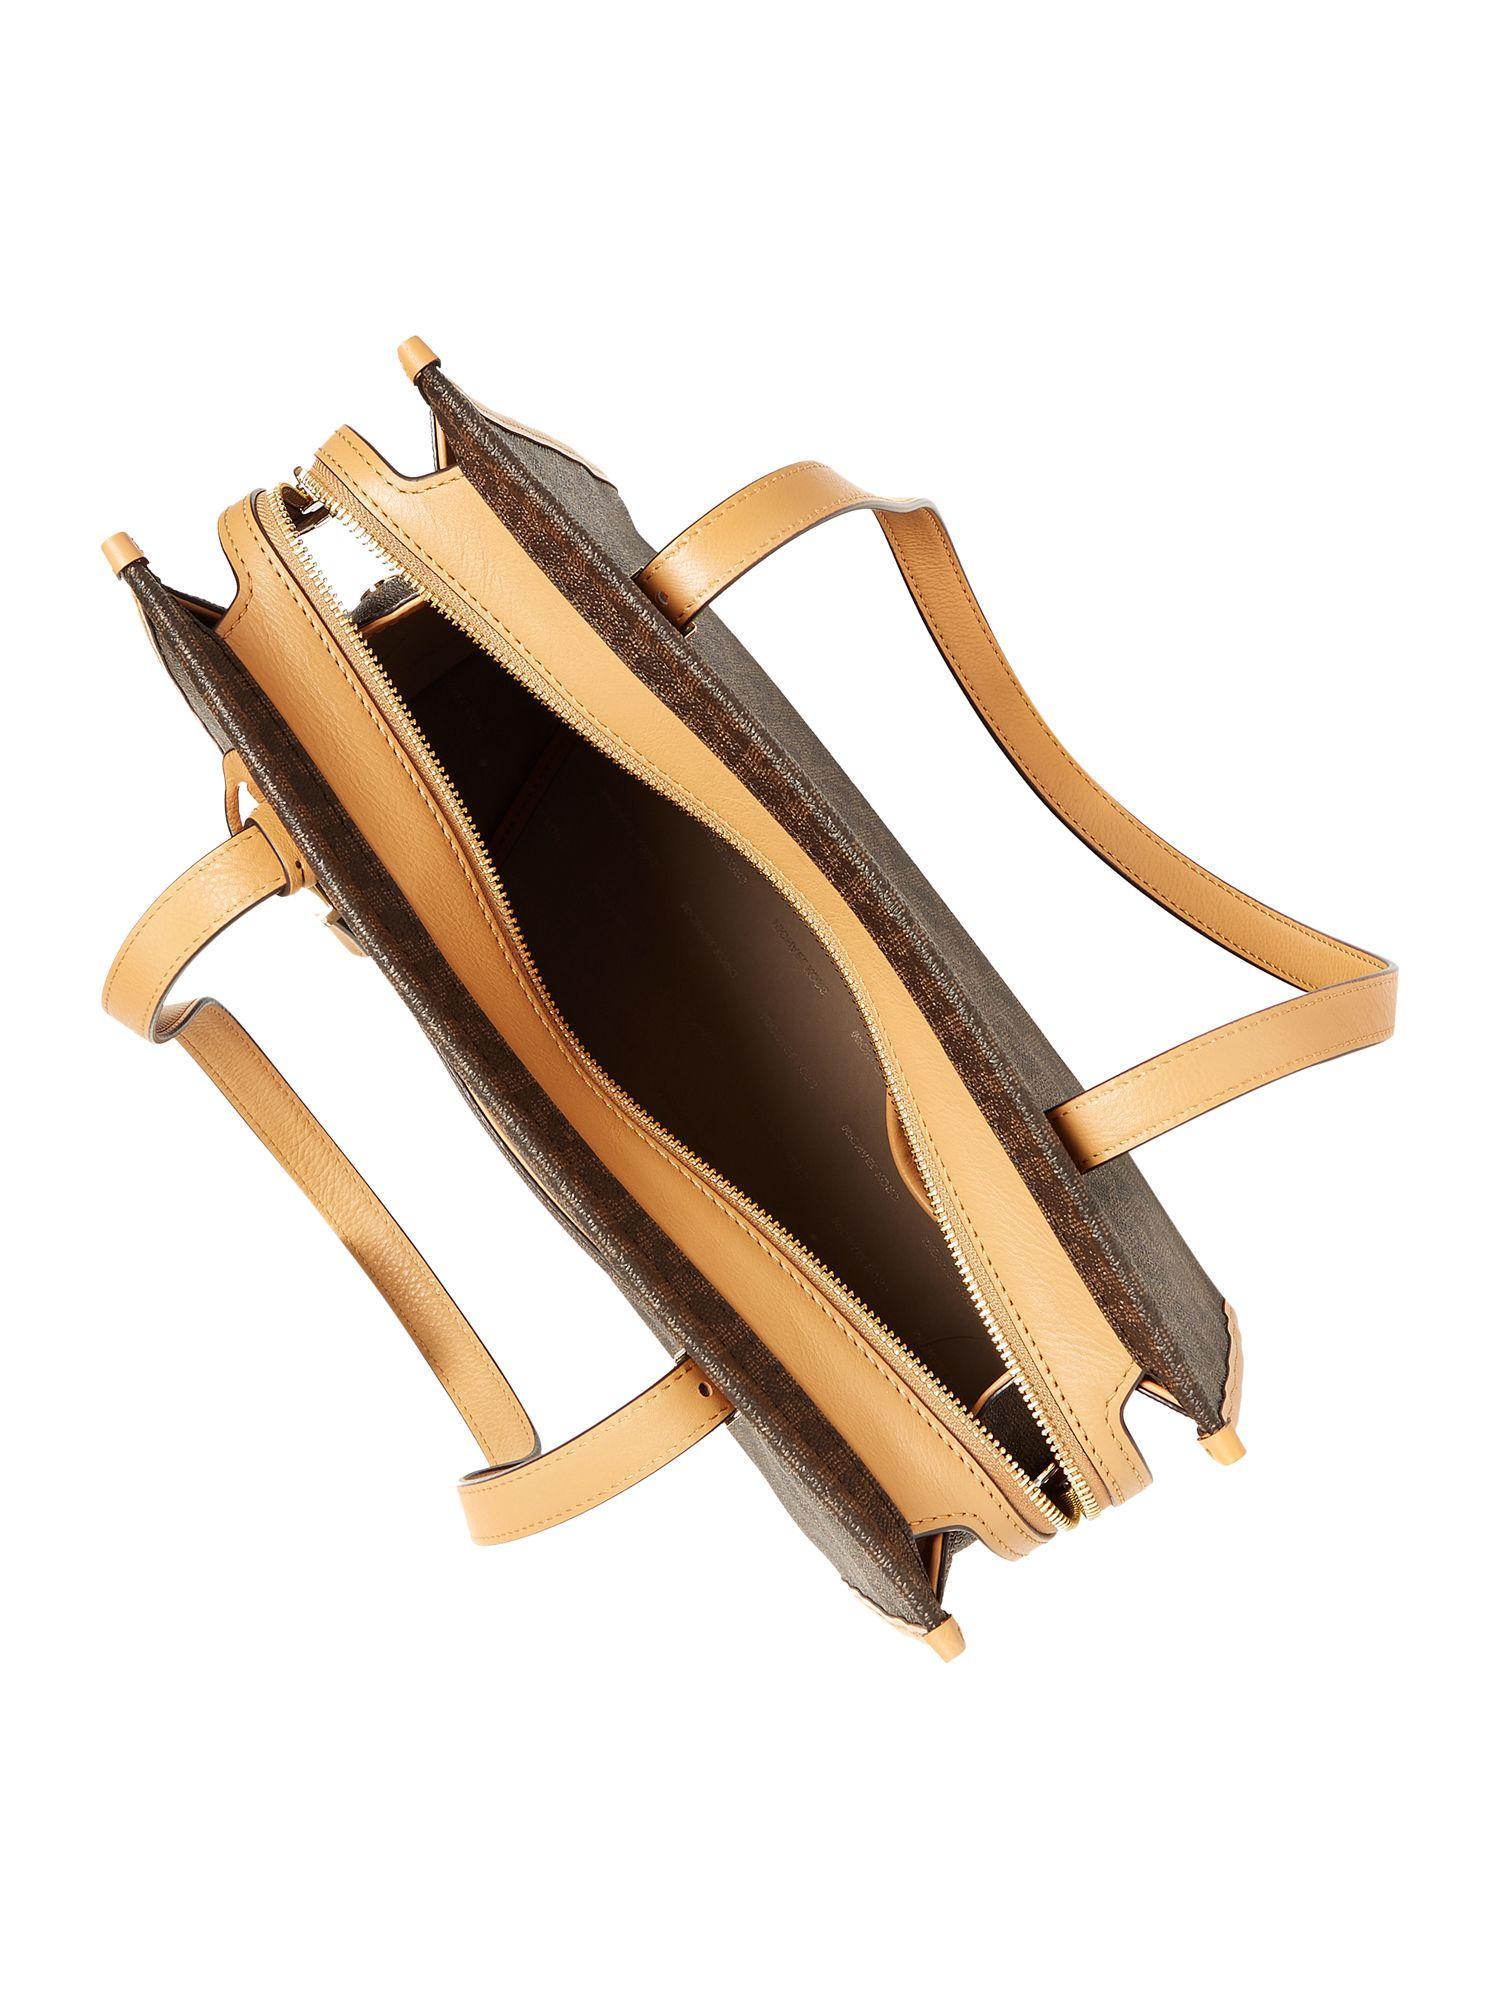 Michael Kors Synthetic Darien Signature Print Medium Tote Bag in Brown